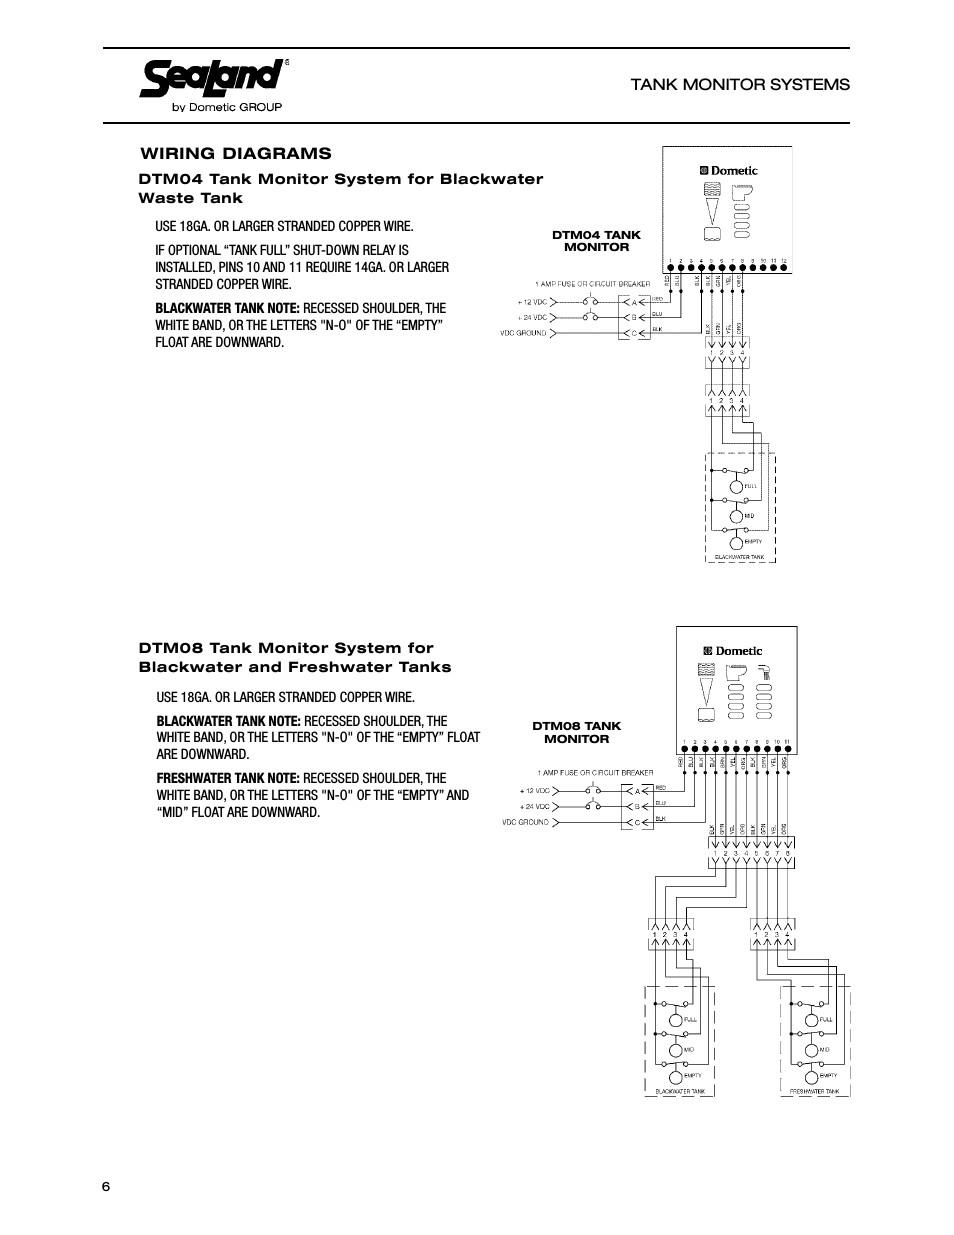 Wiring Diagrams Sealand Dtm04 Tank Monitor System Manual User Rv Tank Monitor Wiring Diagram